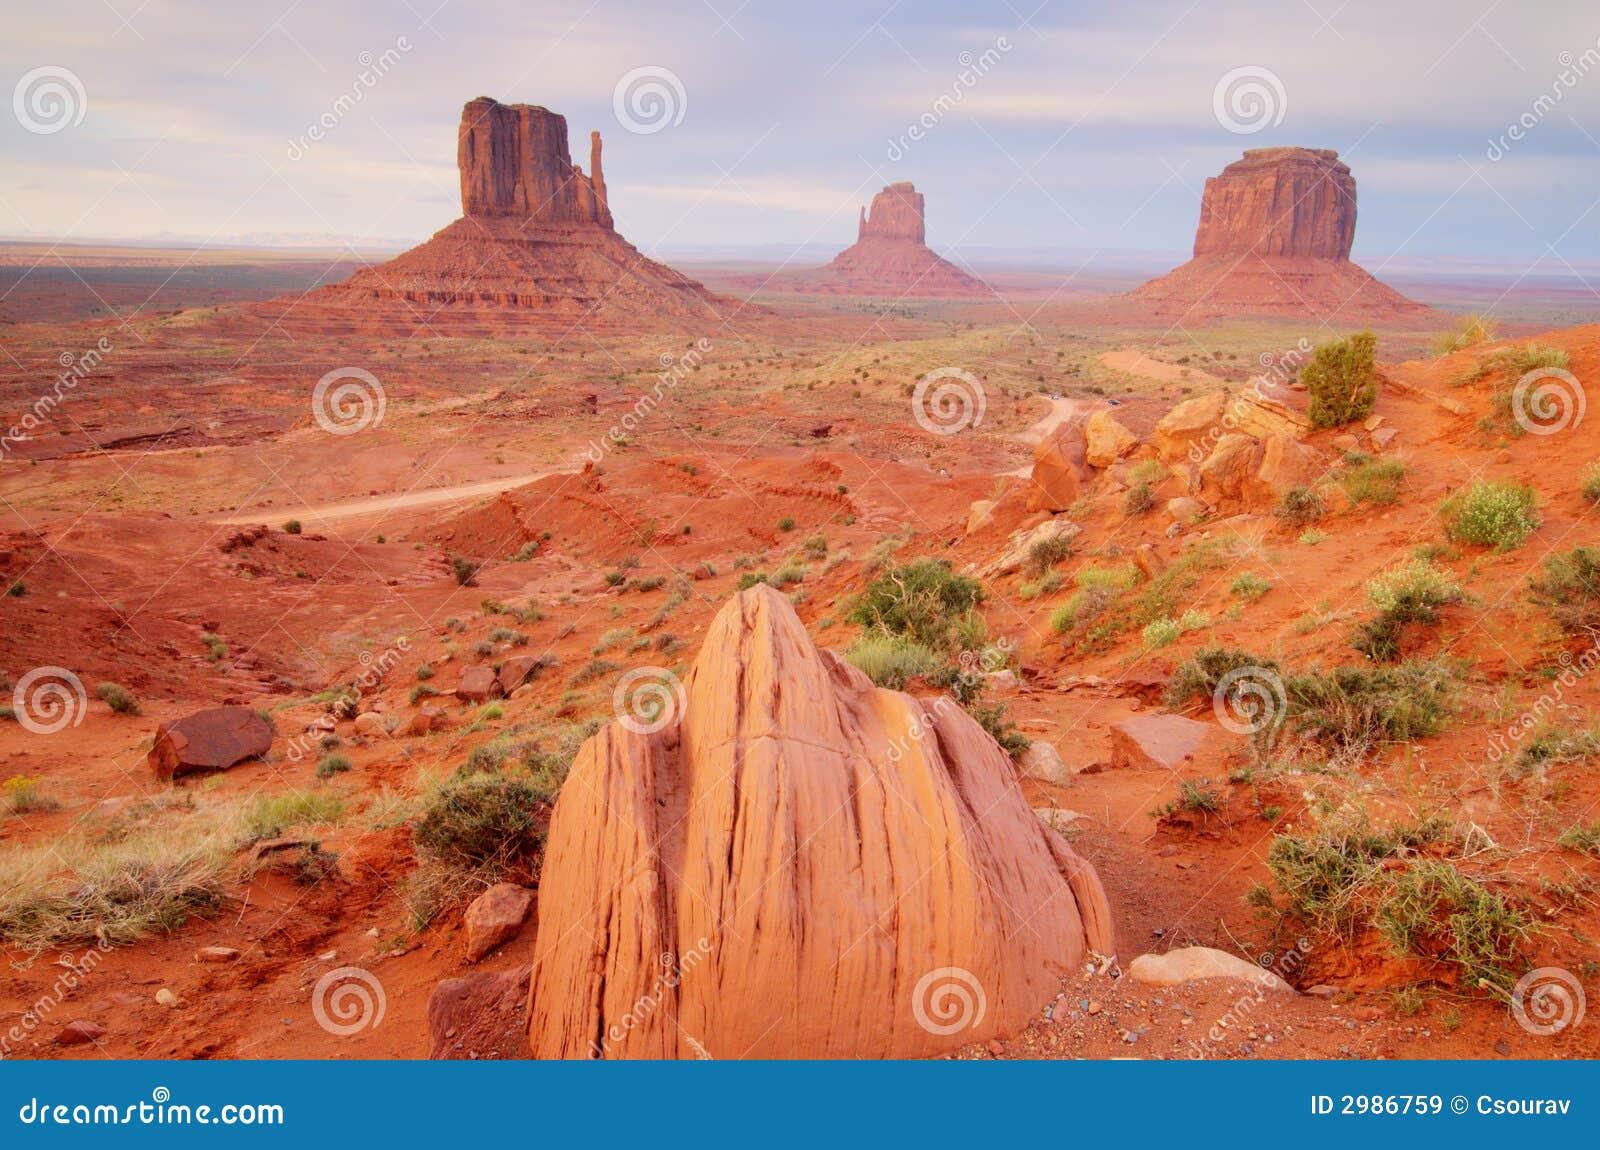 gorgeous utah landscape royalty free stock images image route 66 clip art transparent route 66 clip art pics